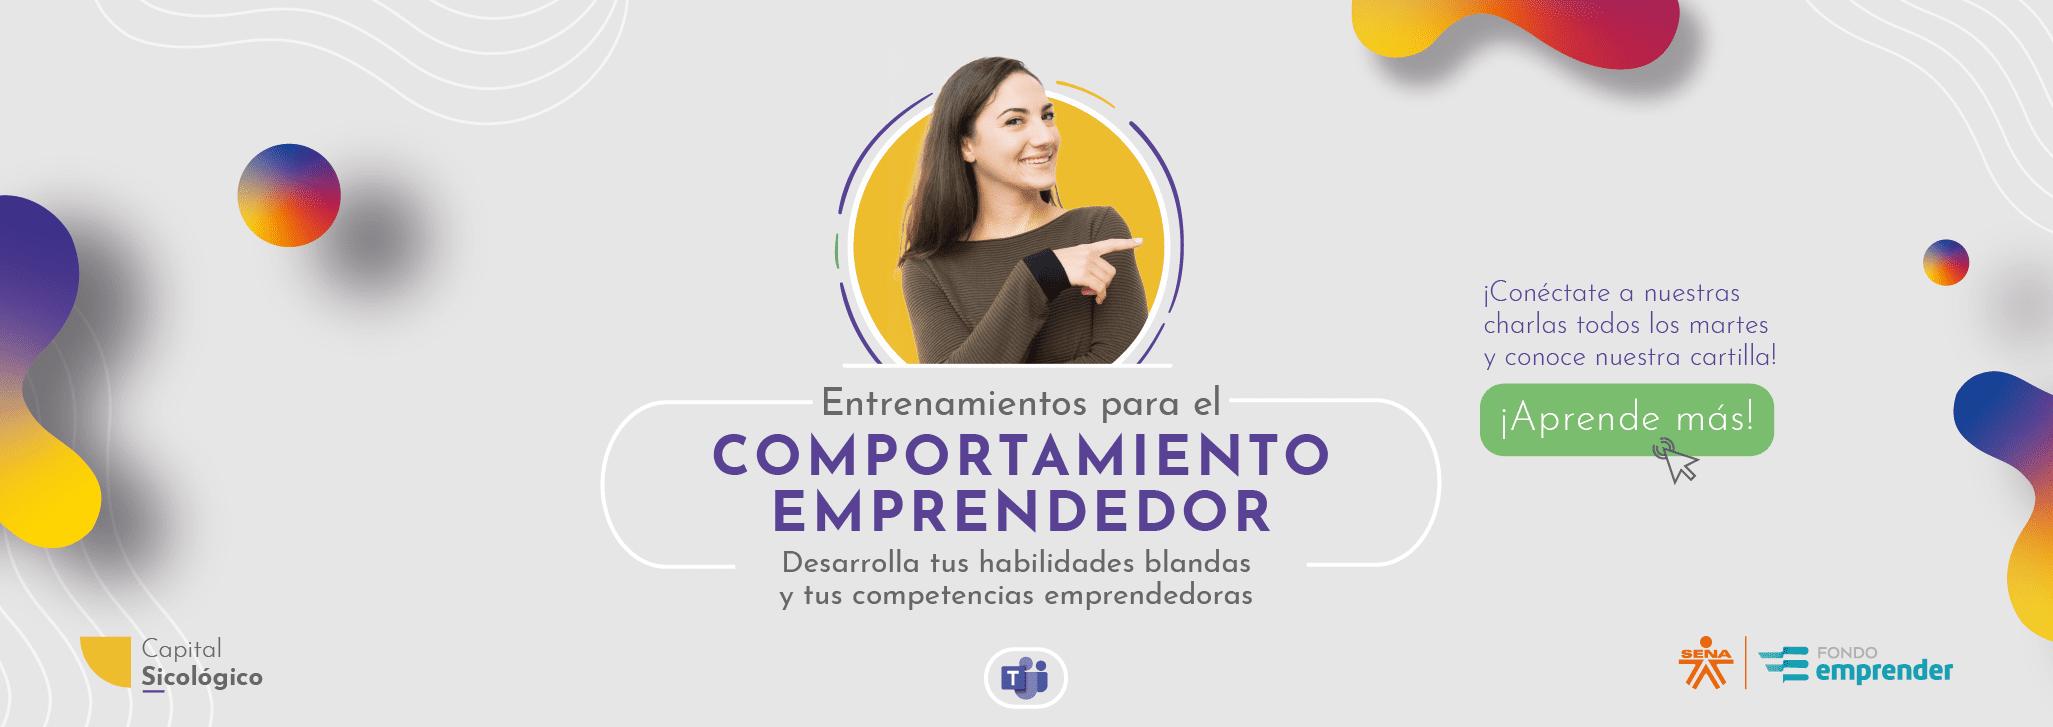 Comportamiento Emprendedor